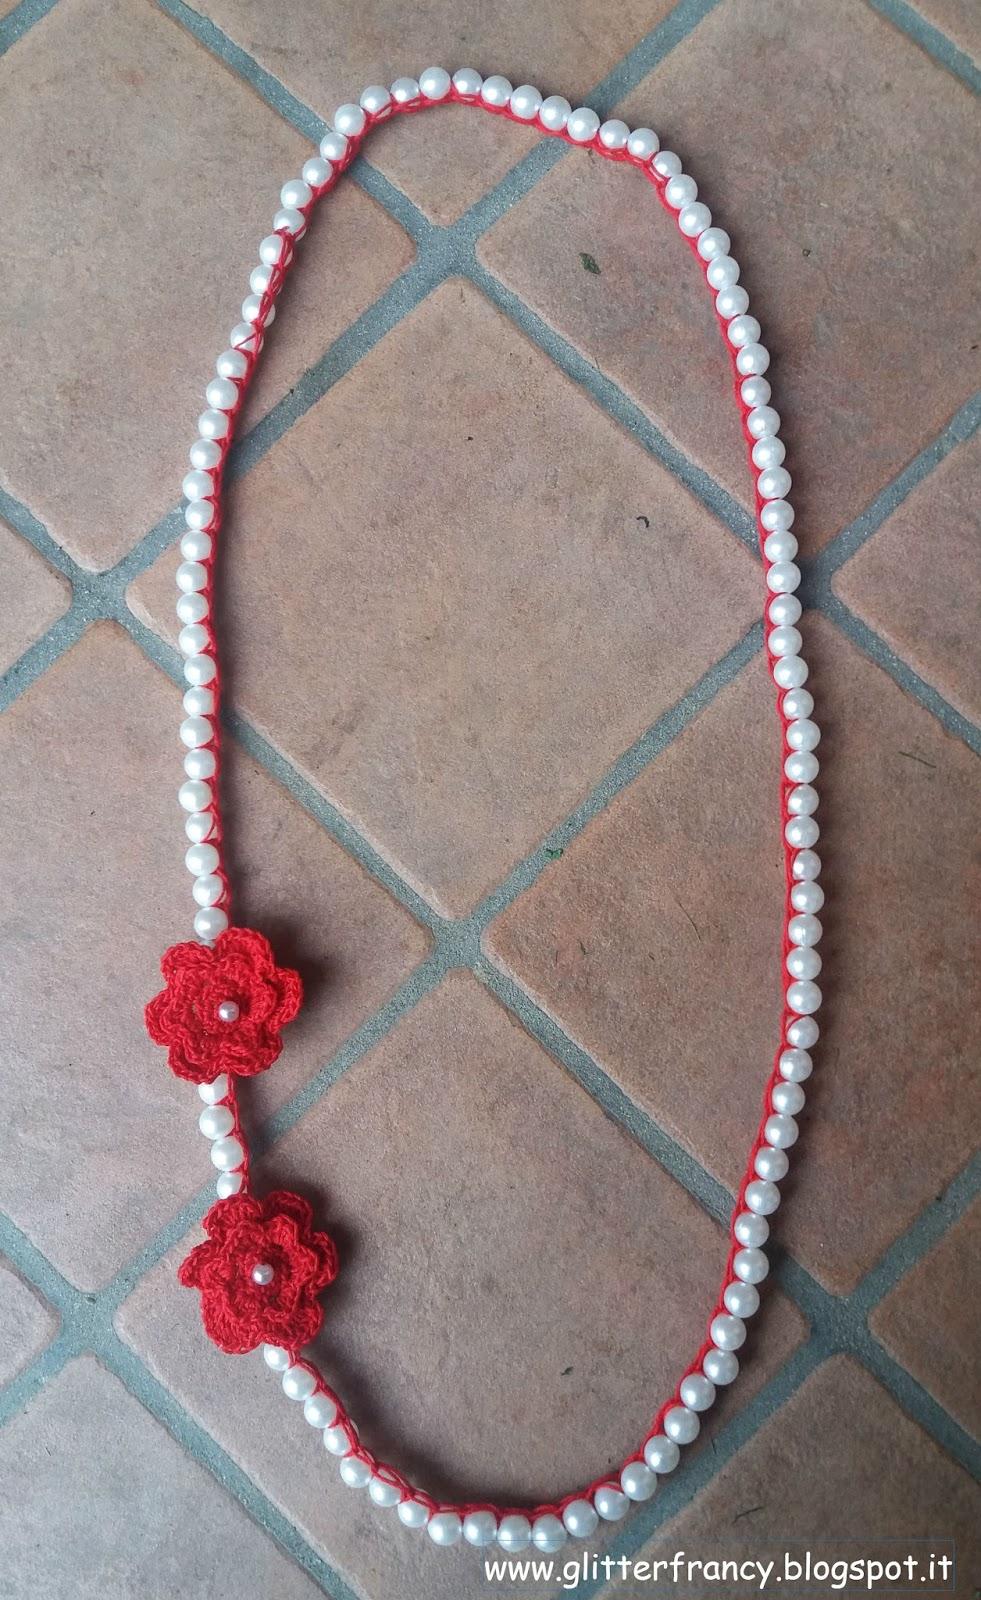 Collana con perle e fiori all'uncinetto